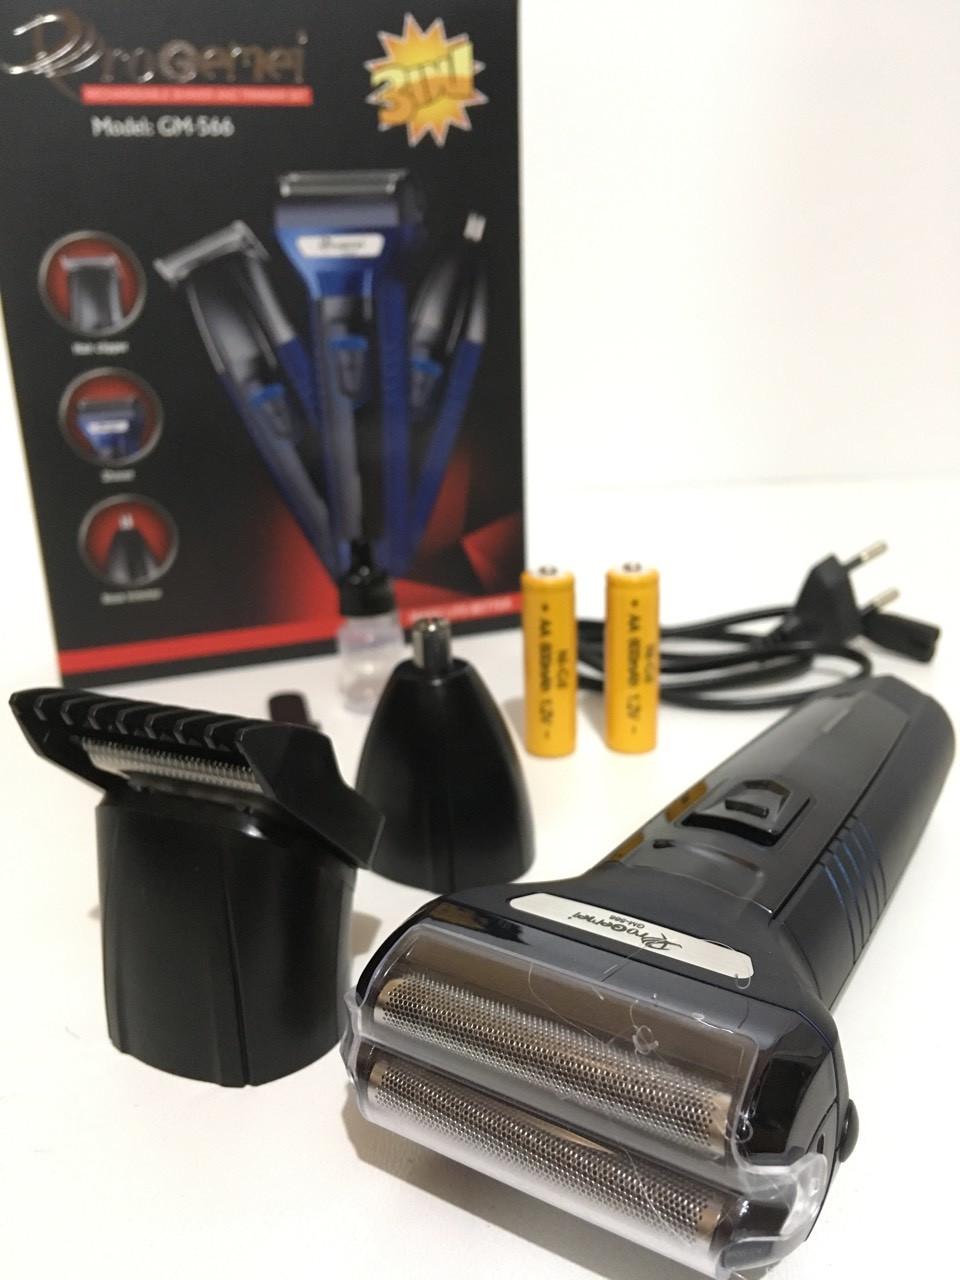 Машинка для стрижки волос Gemei GM-566 (60 шт/ящ)